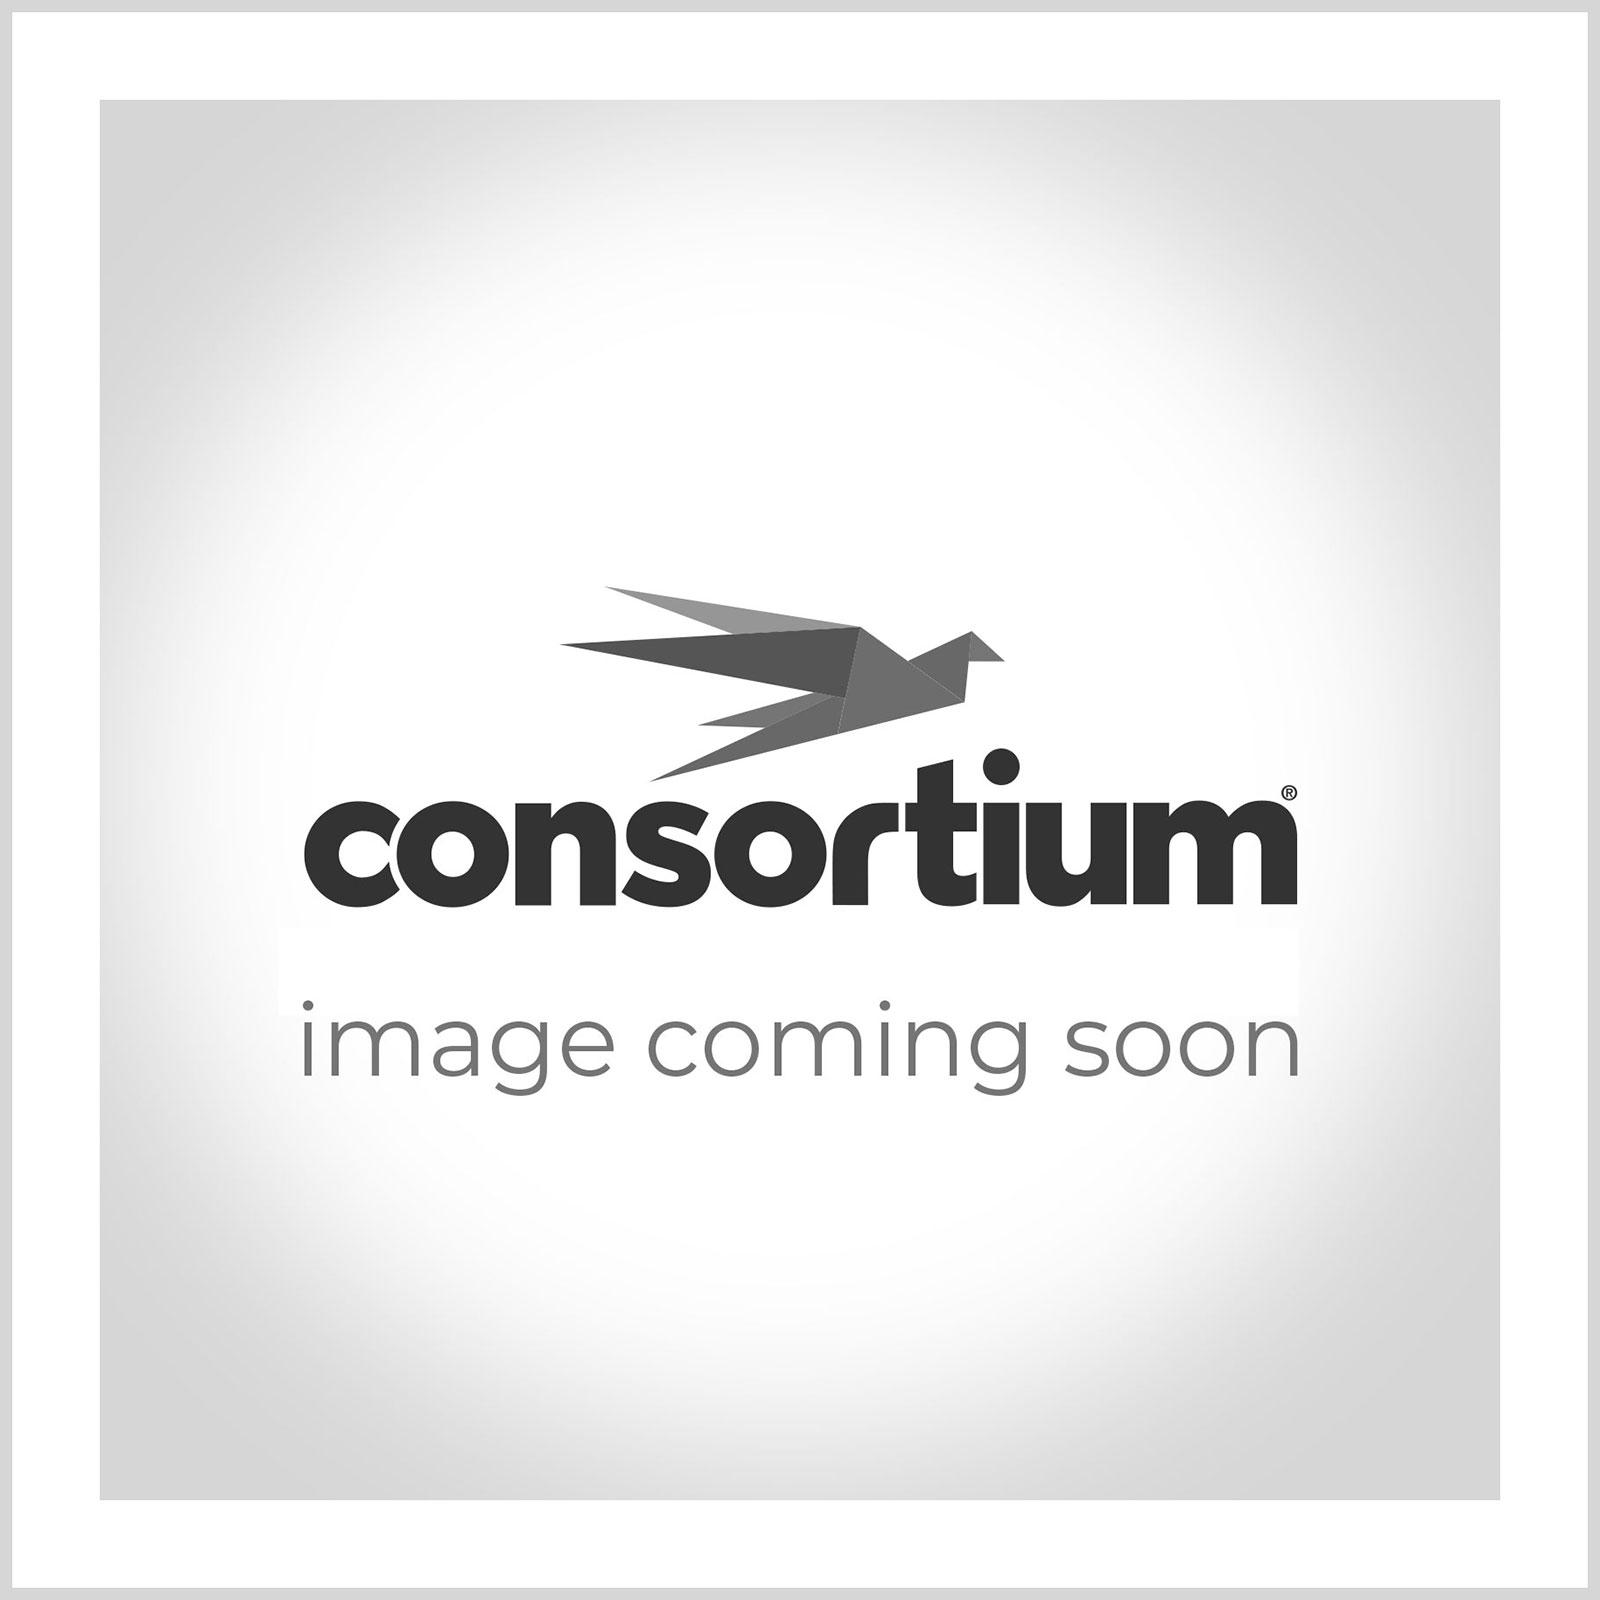 Accento C/brd 2 Shelves